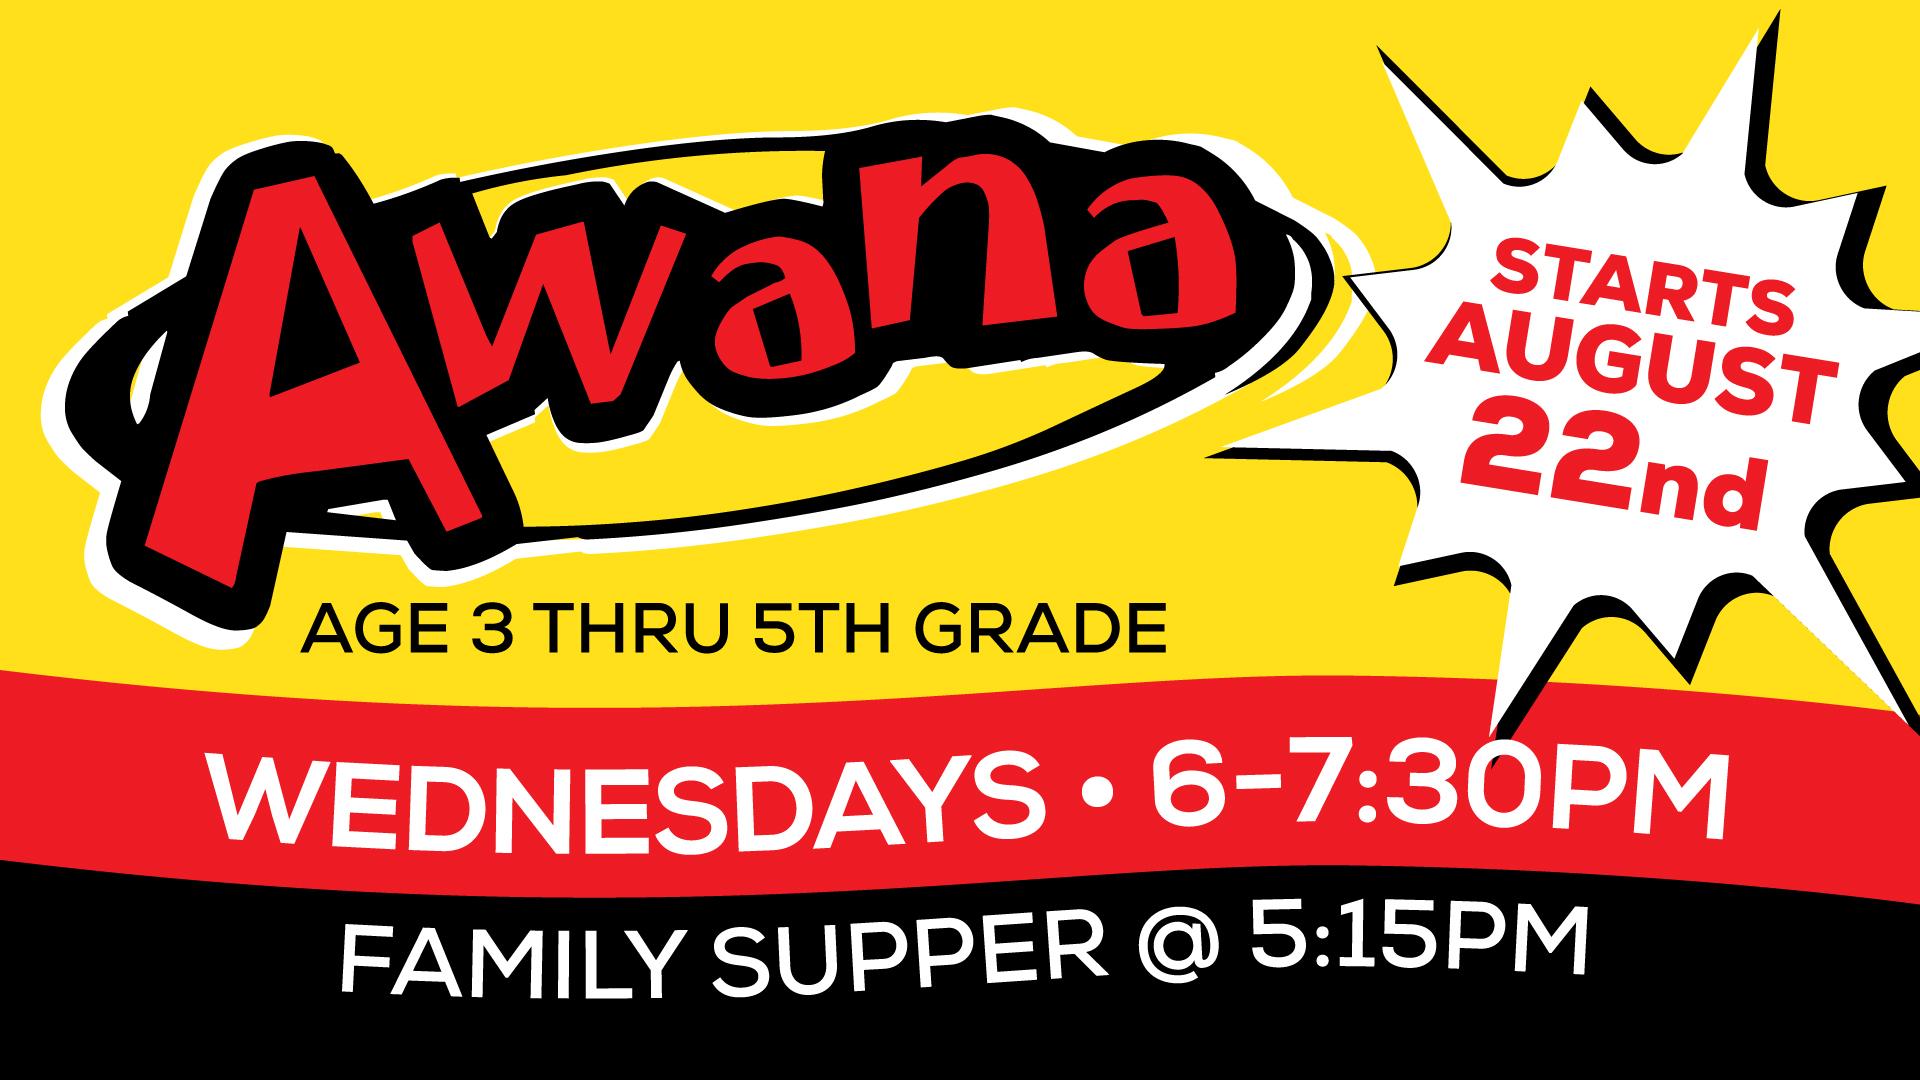 Slide awana 2018 starts aug 22 with dinner